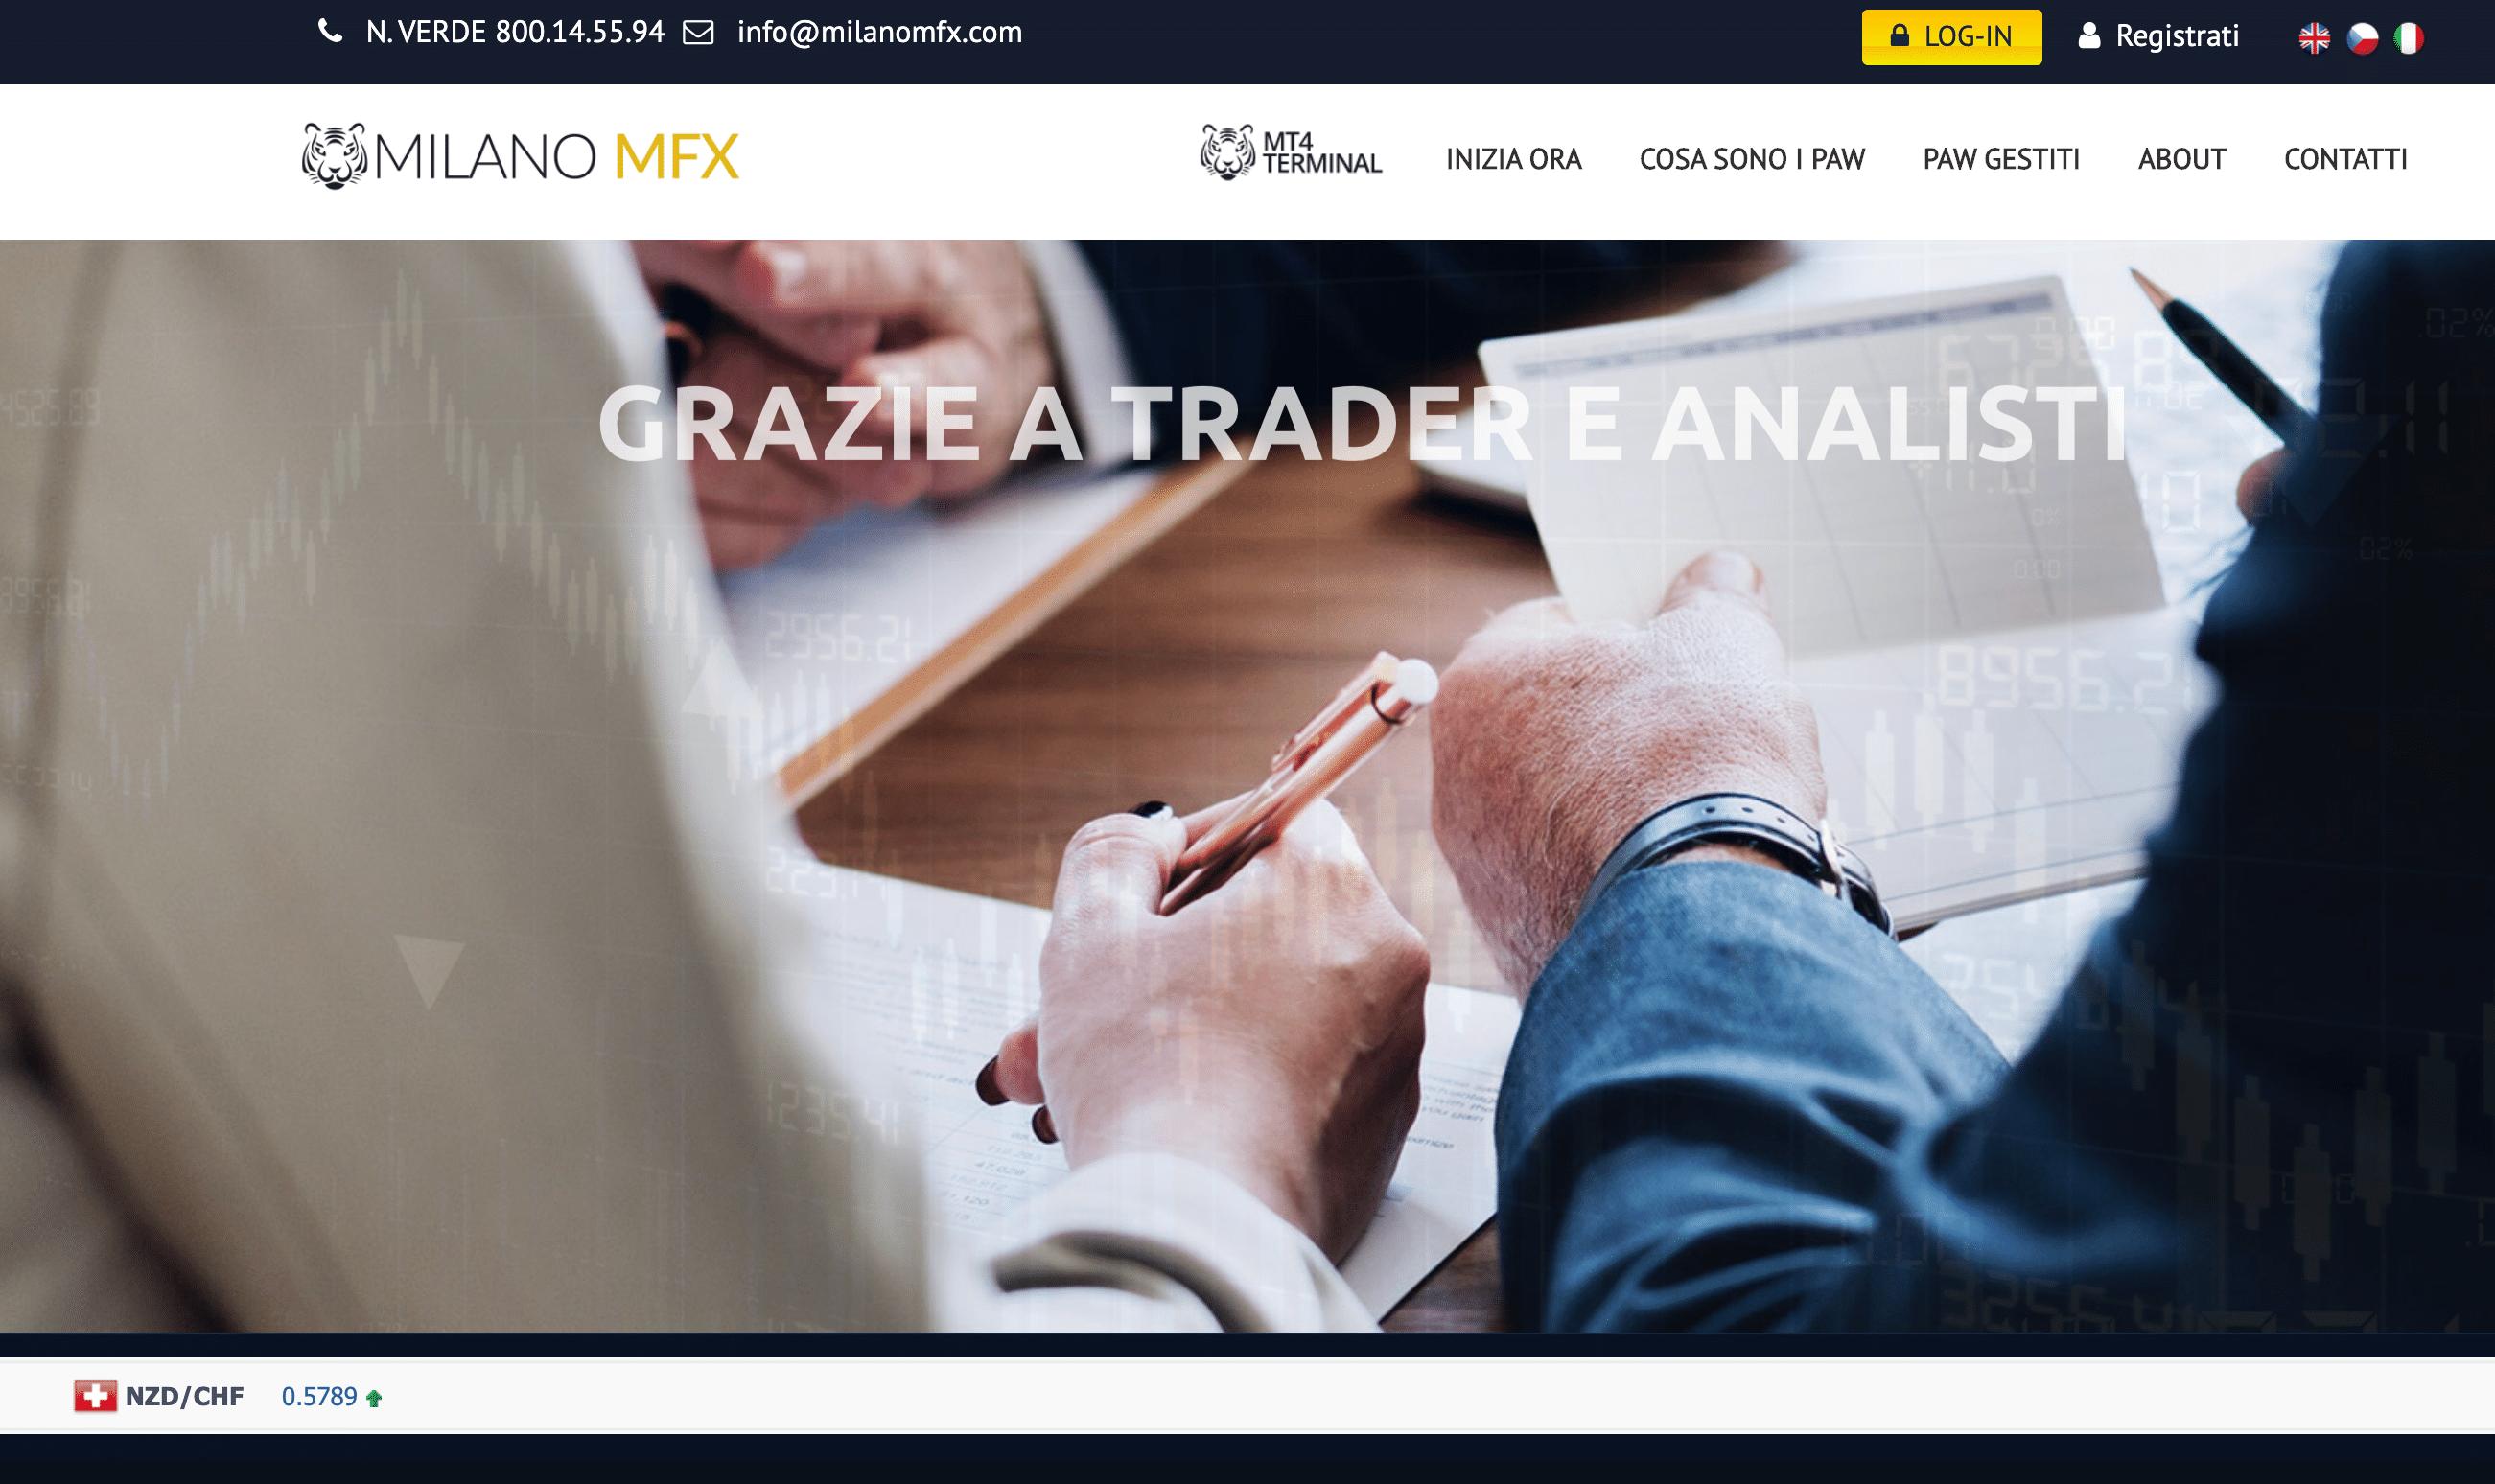 Milano MFX è una Truffa? Opinioni e recensioni